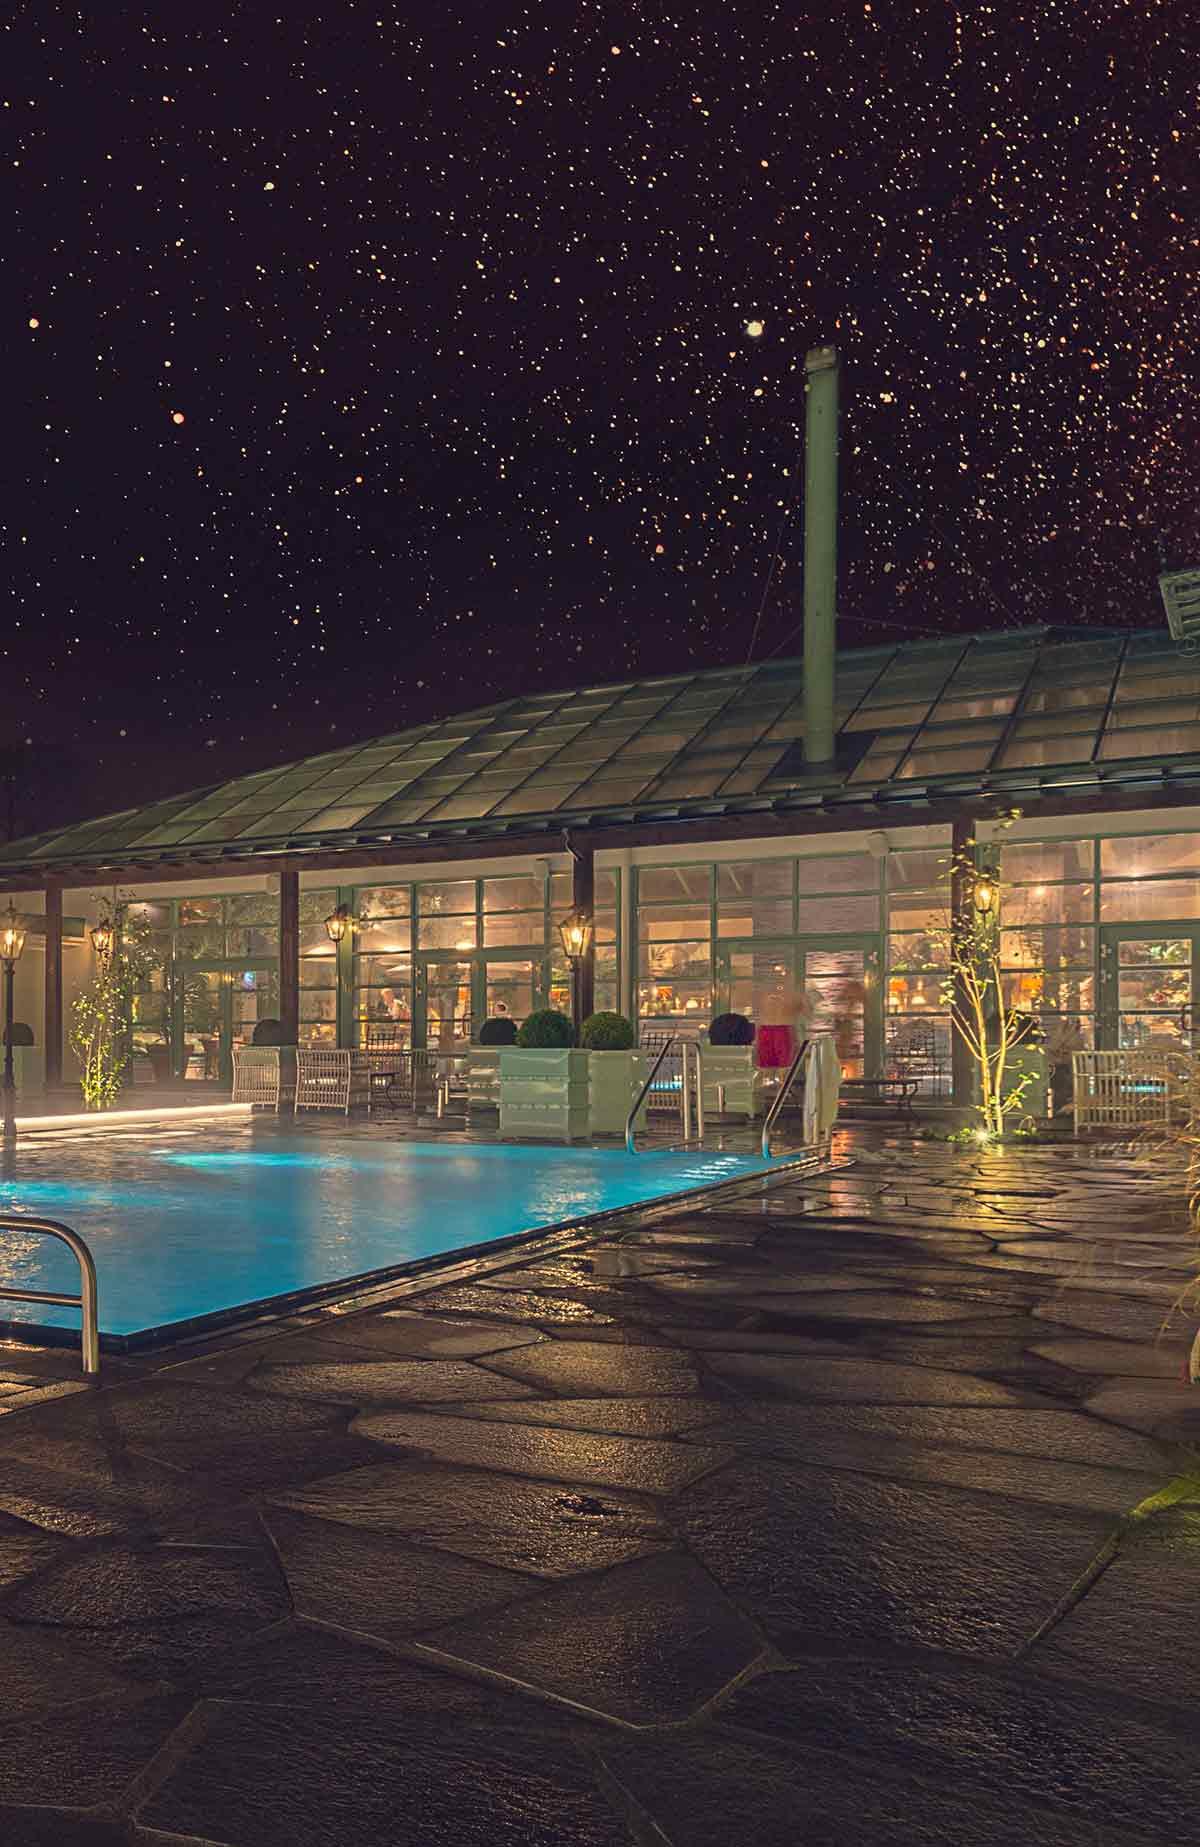 Upplev en spa-upplevelse på Falkenberg Strandbad, oavsett om det är dag eller kväll